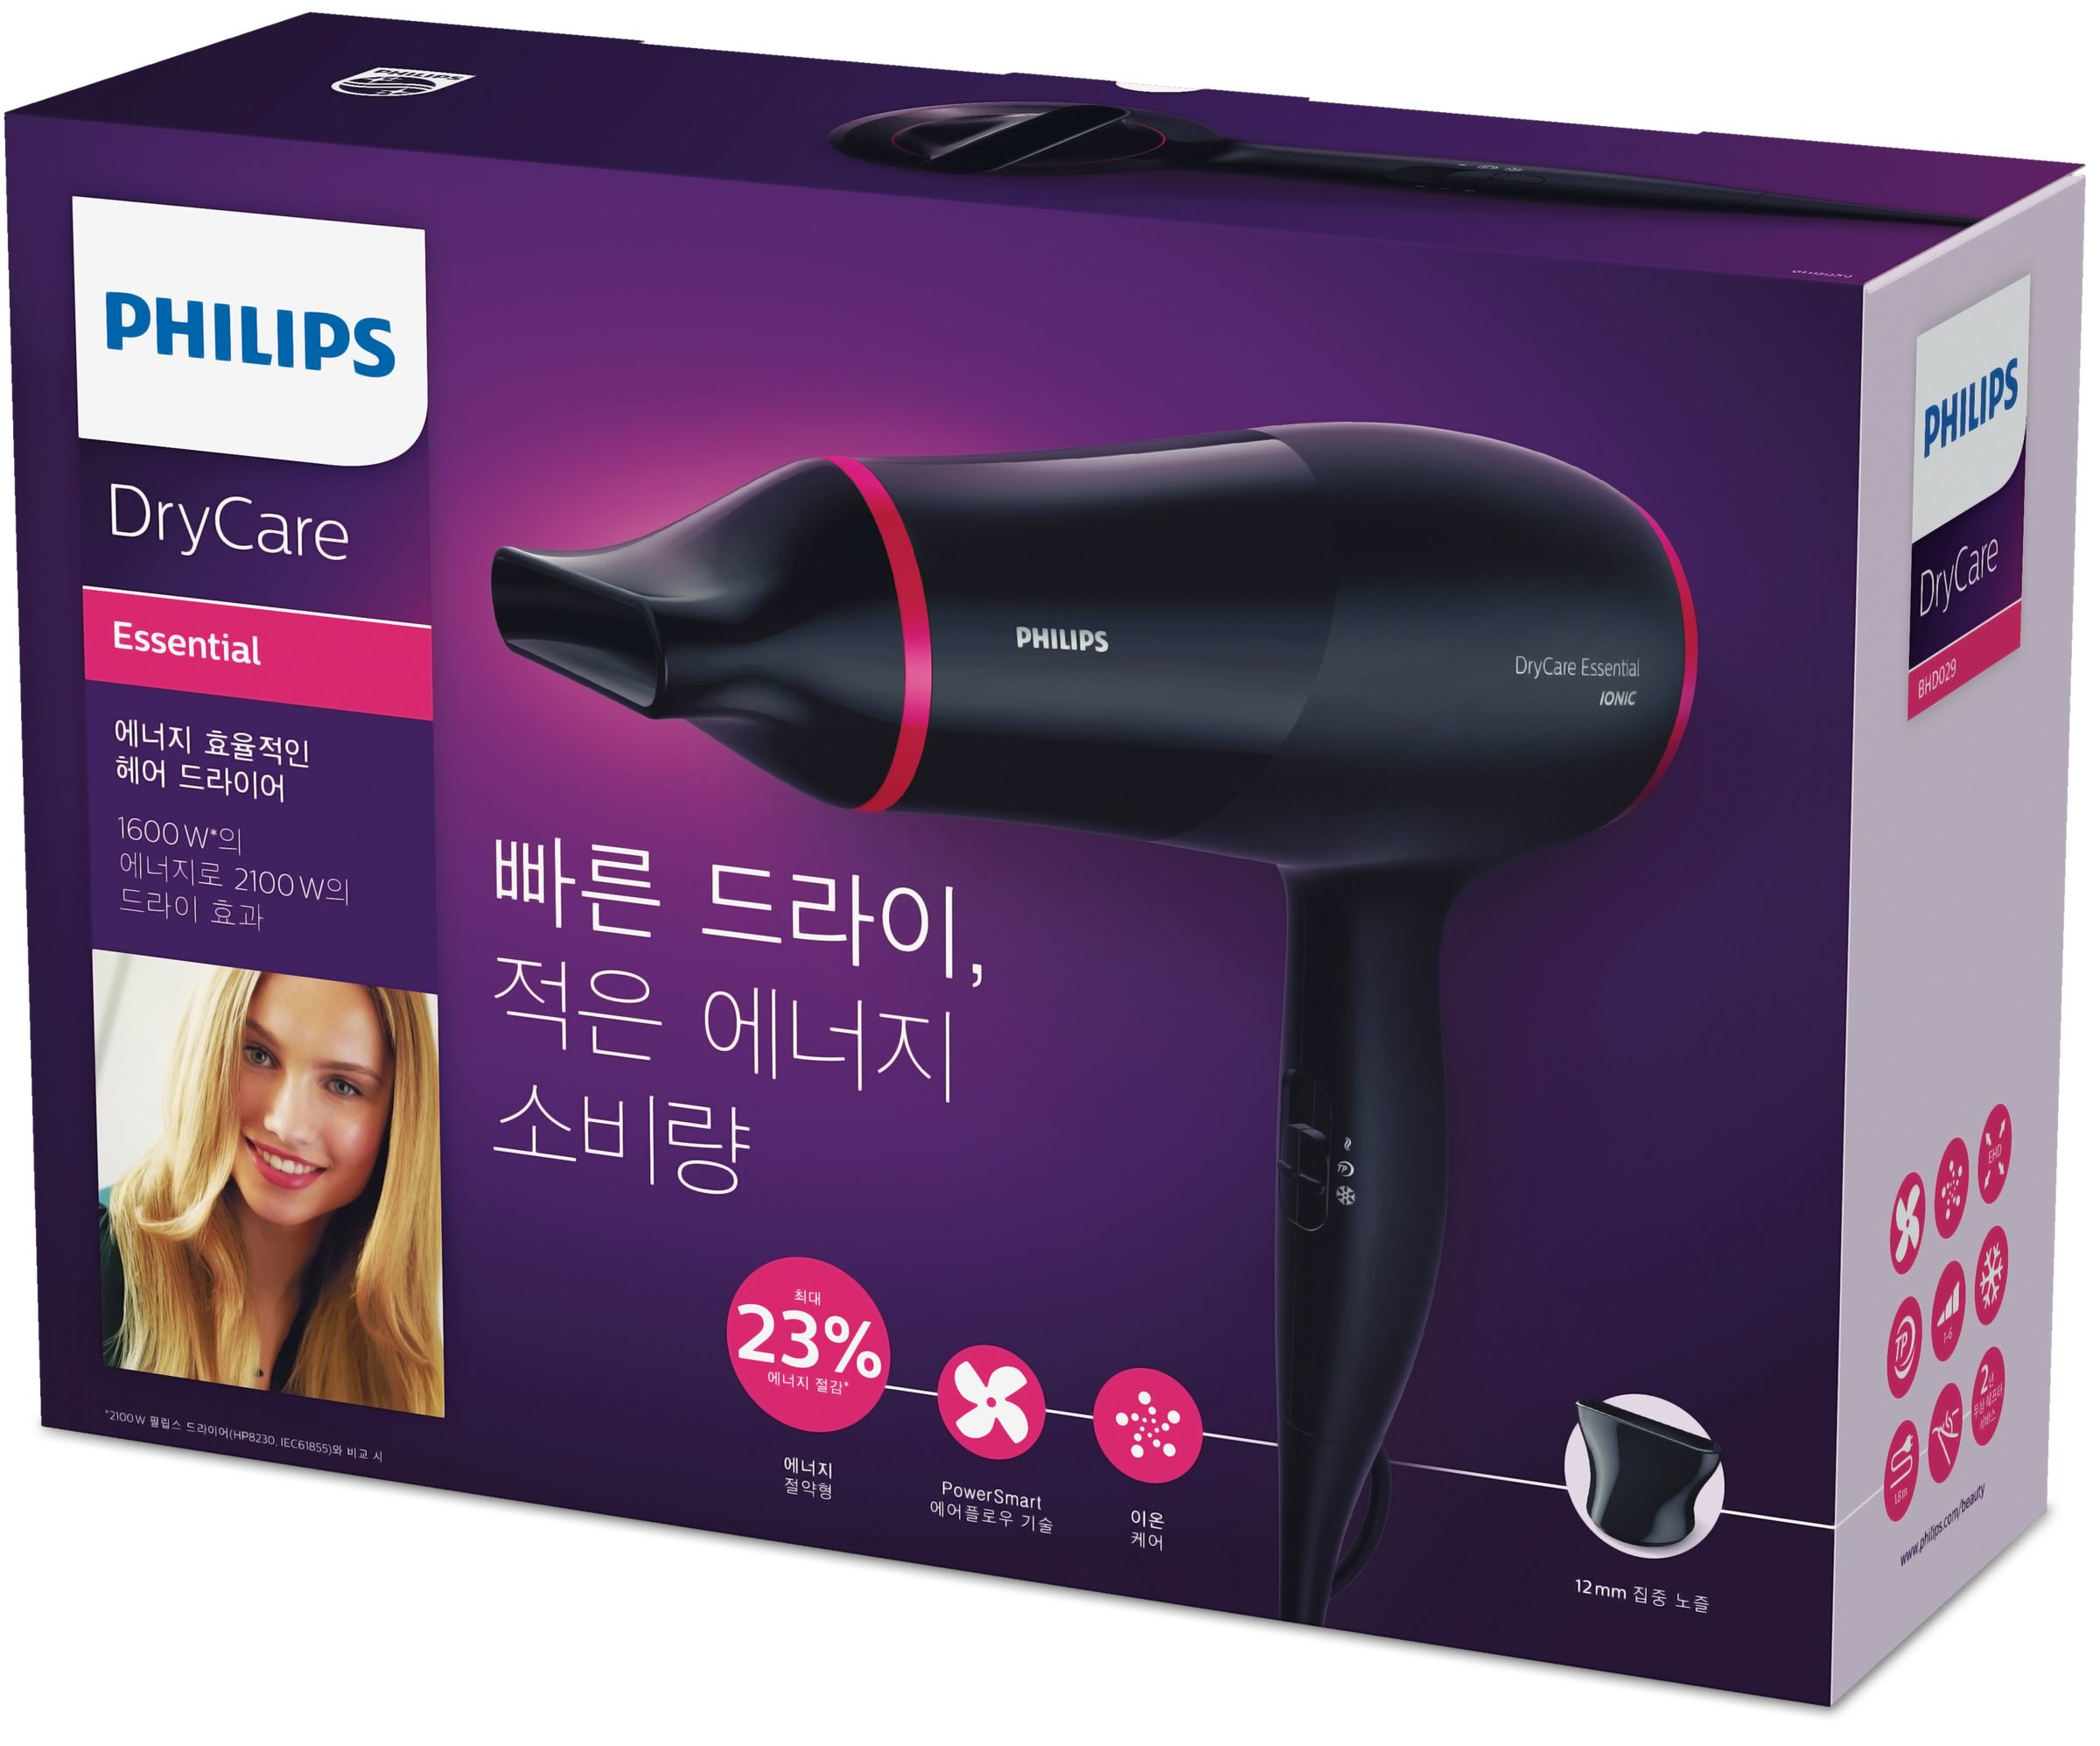 Philips DryCare BHD029/09 1600W Nero asciuga capelli